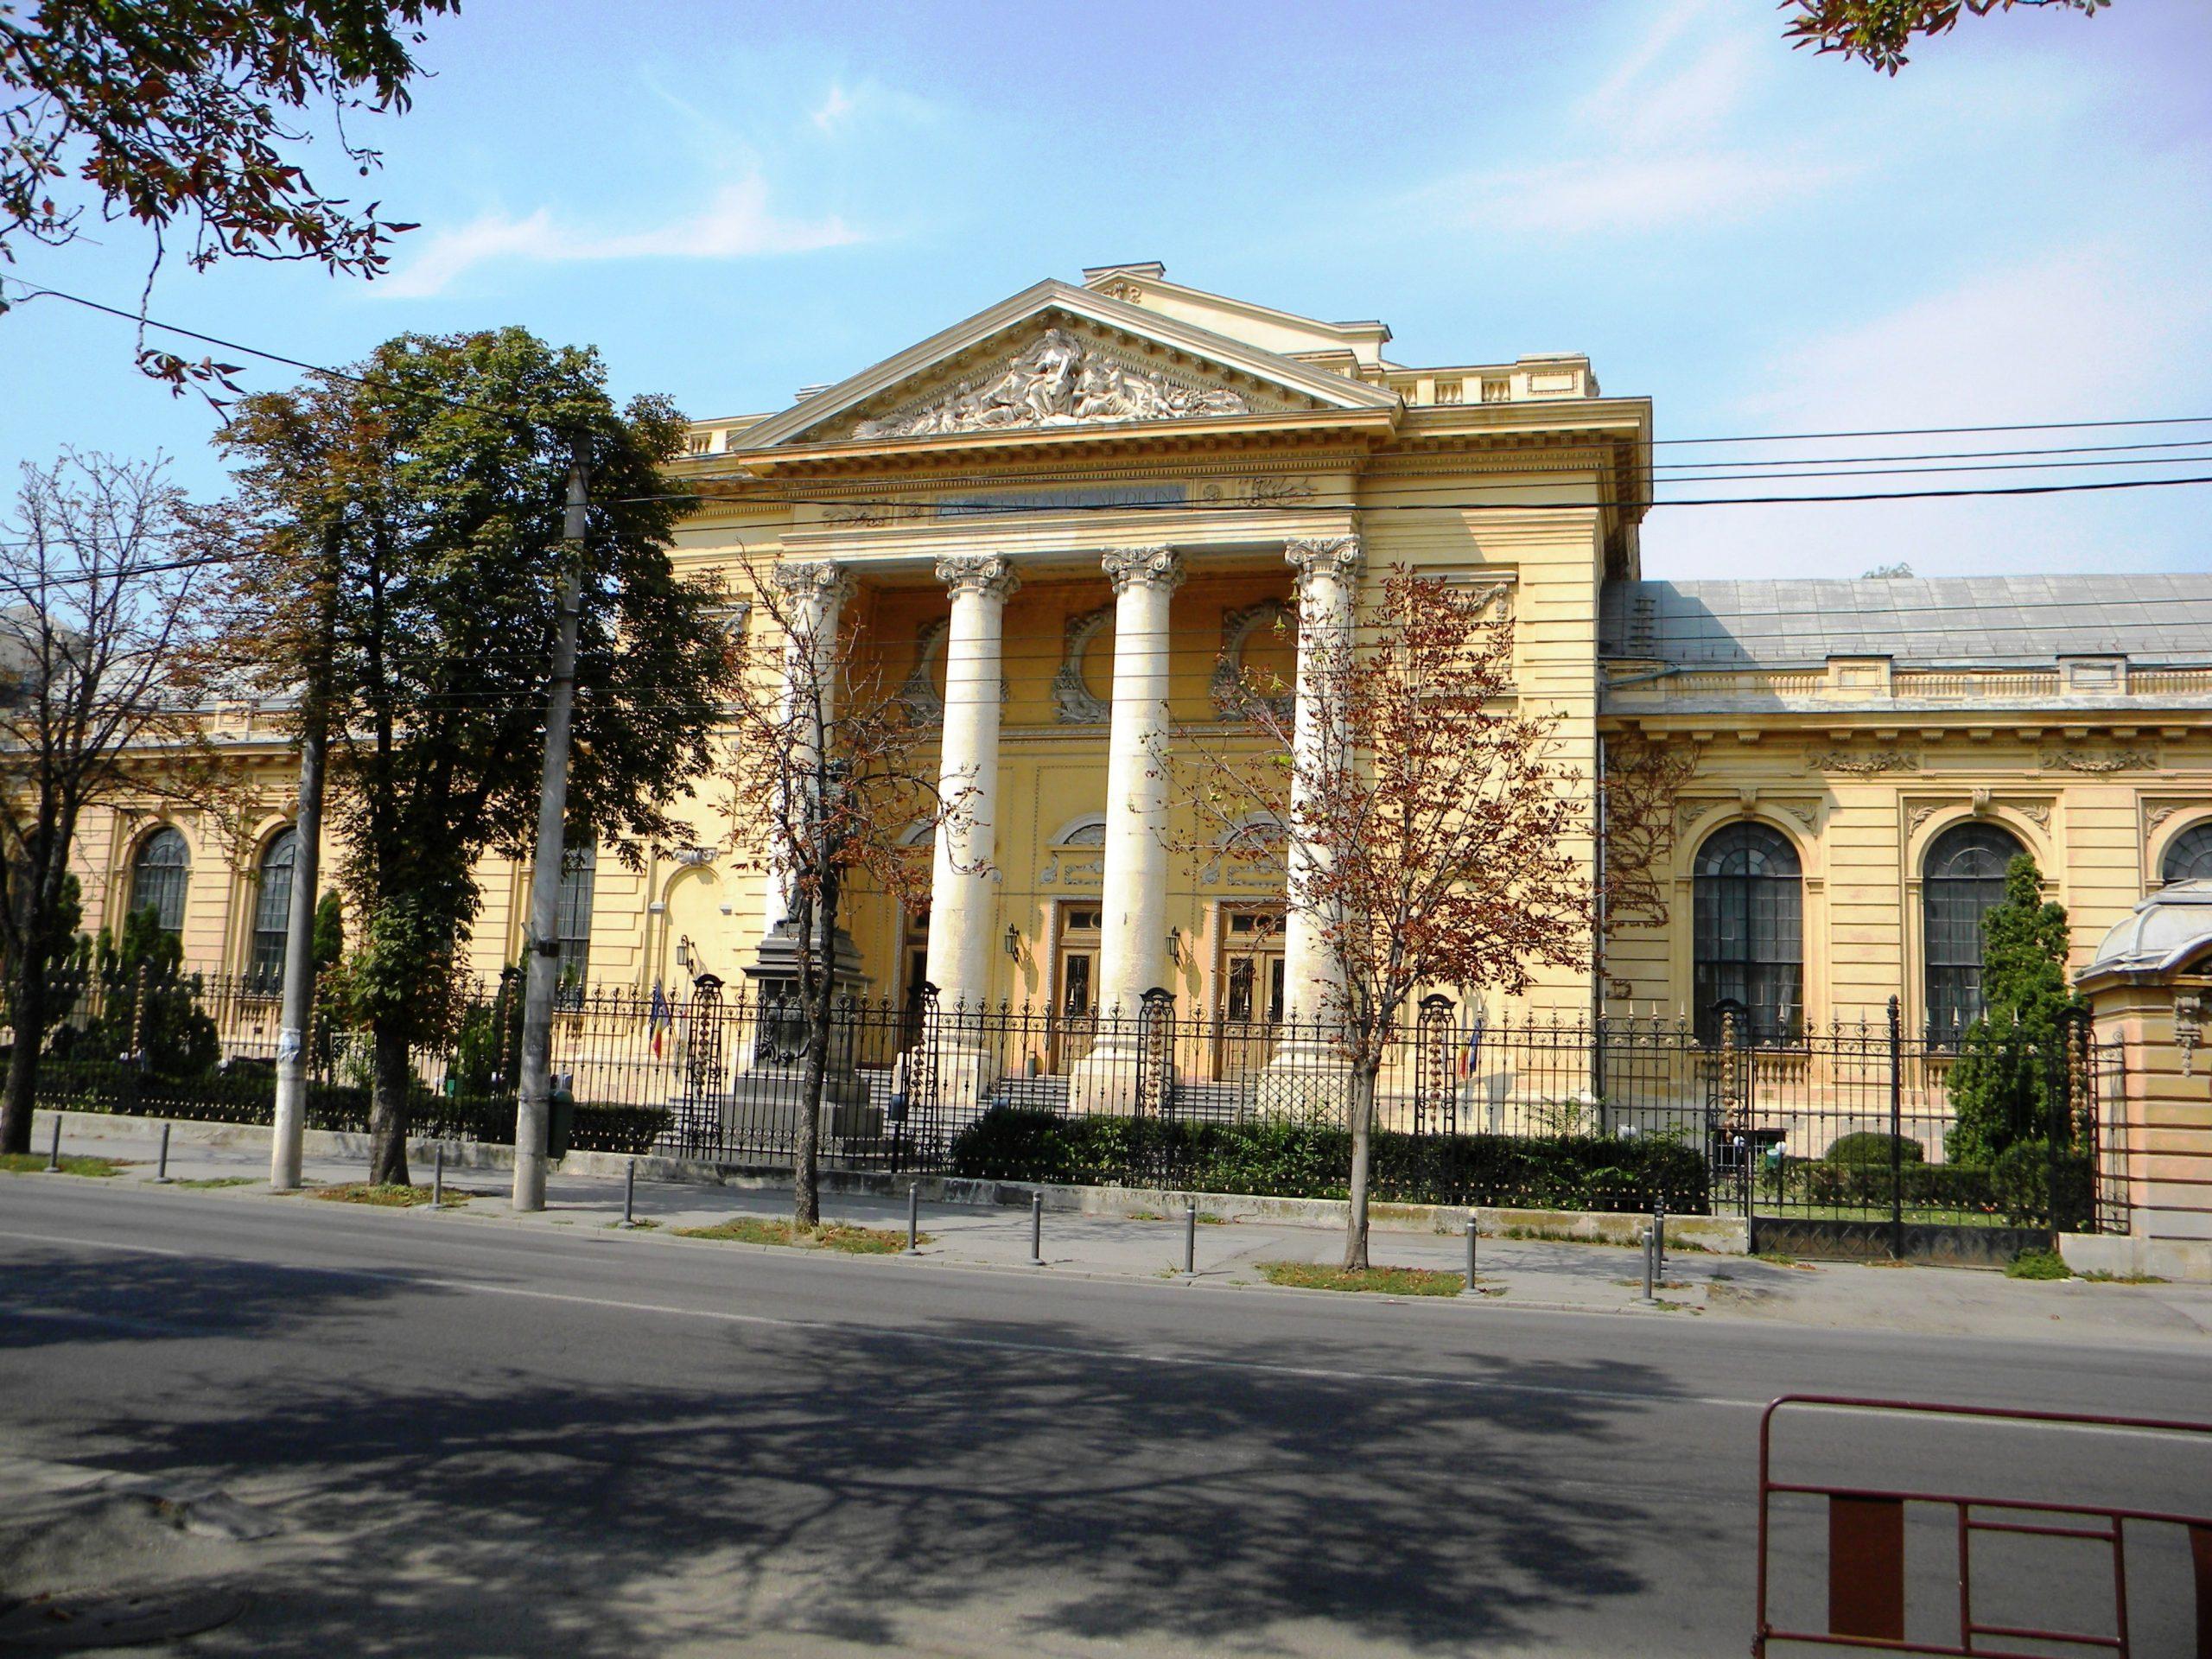 Universitatea de Medicină și Farmacie din București